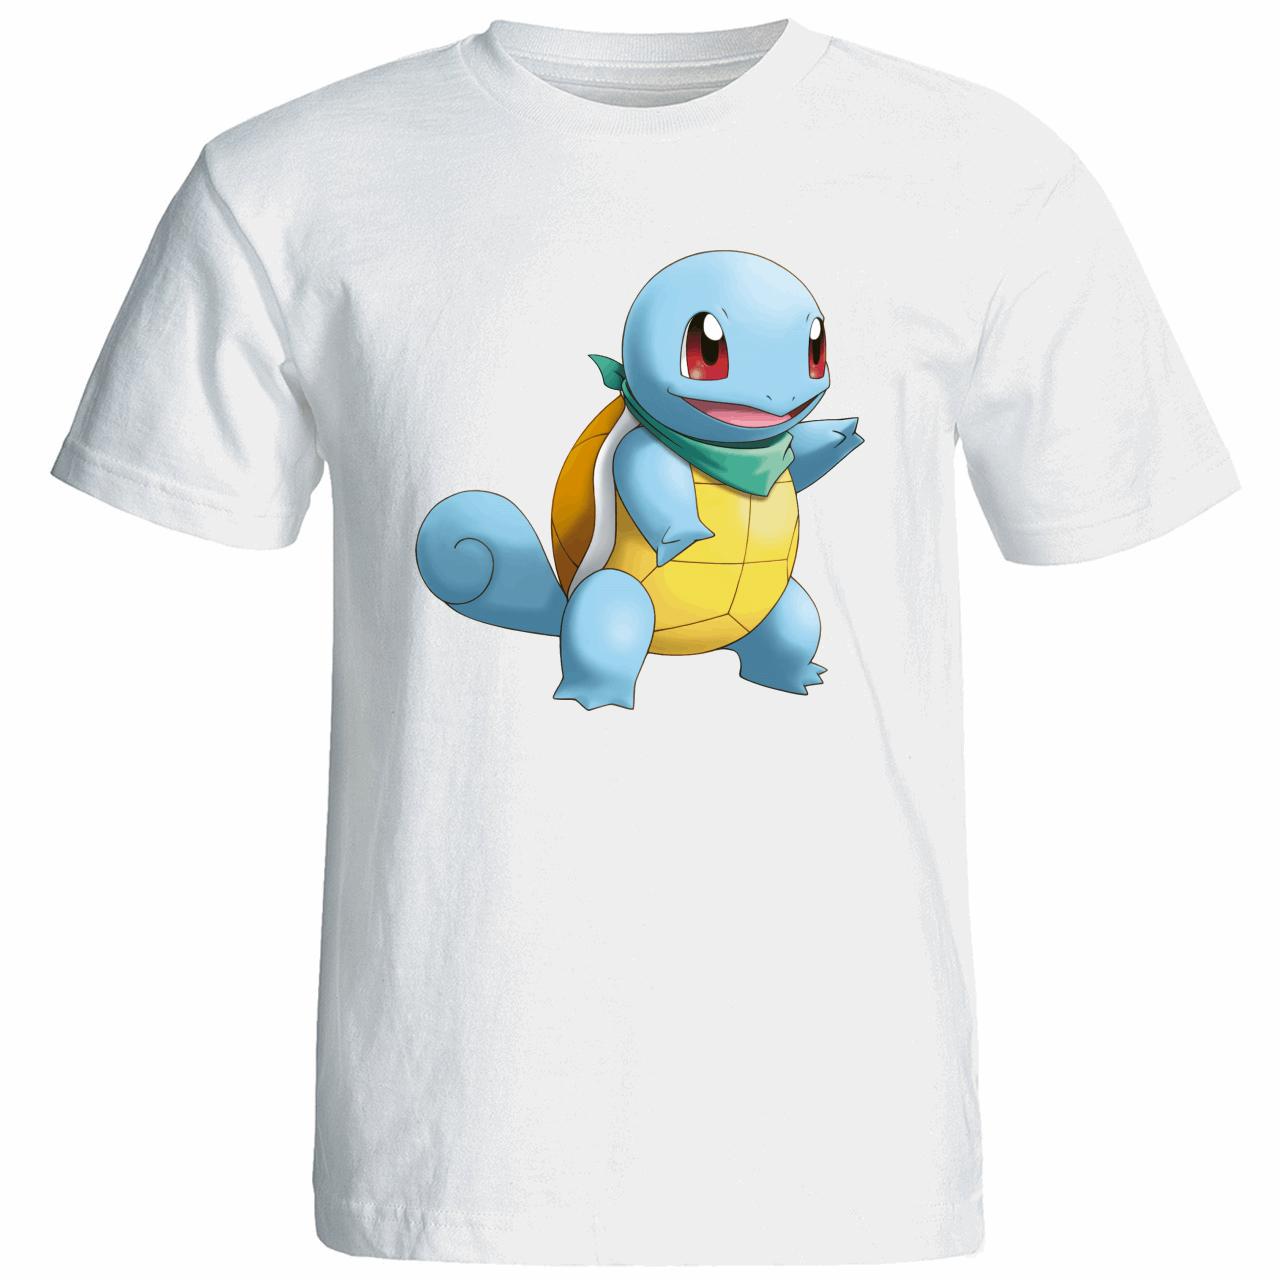 تی شرت زنانه آستین کوتاه نوین نقش طرح کد 9971